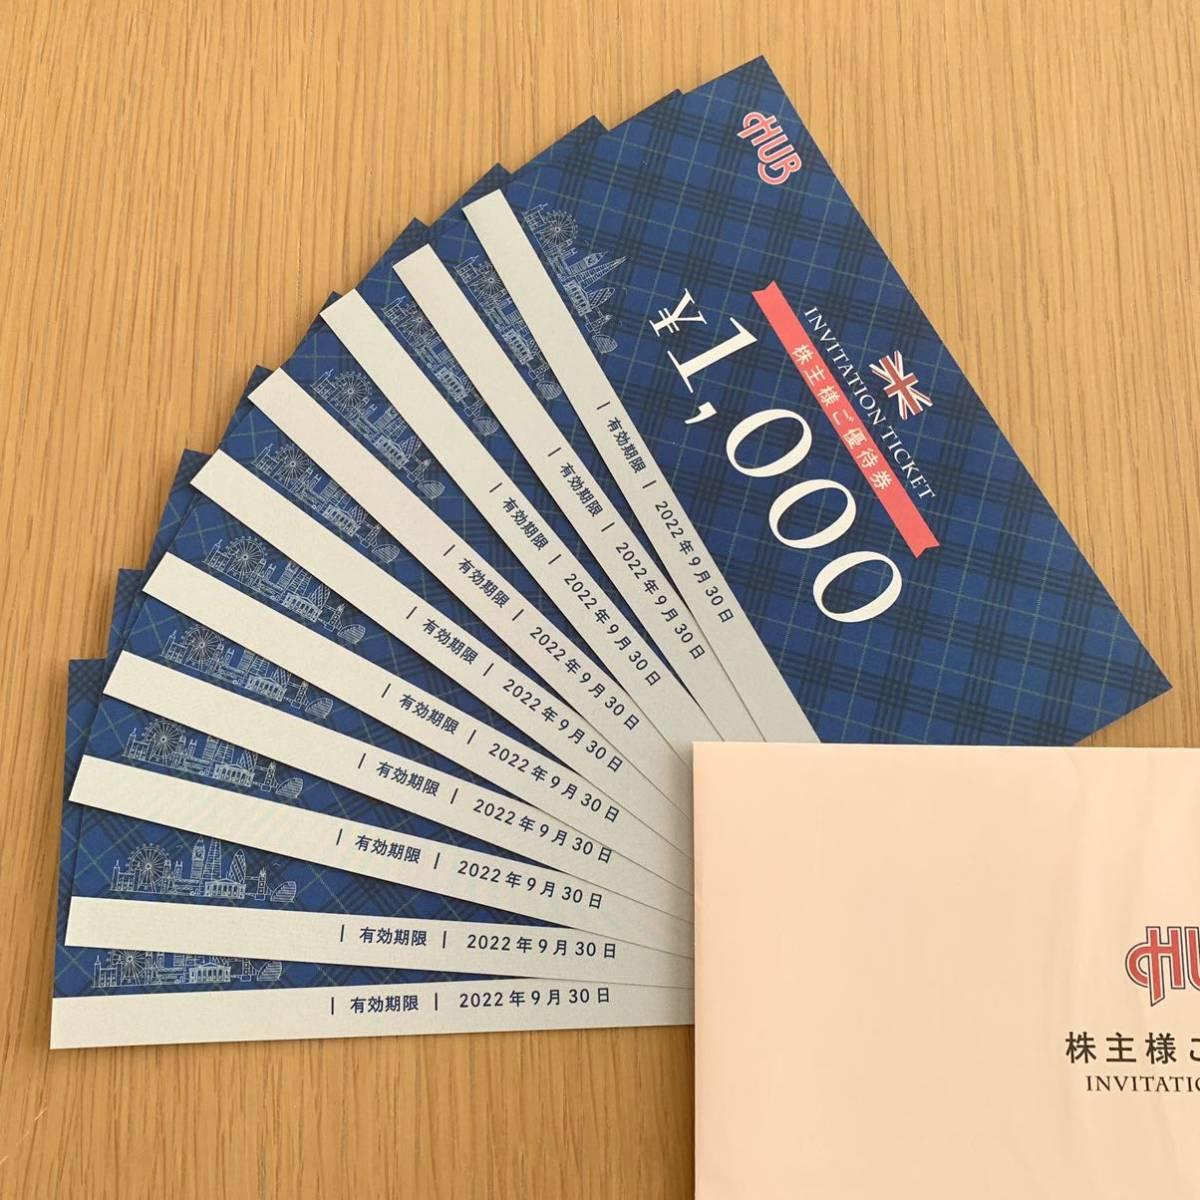 ゆうパケット発送 HUB 株主優待券 10000円分 有効期限 2022.9.30_画像2